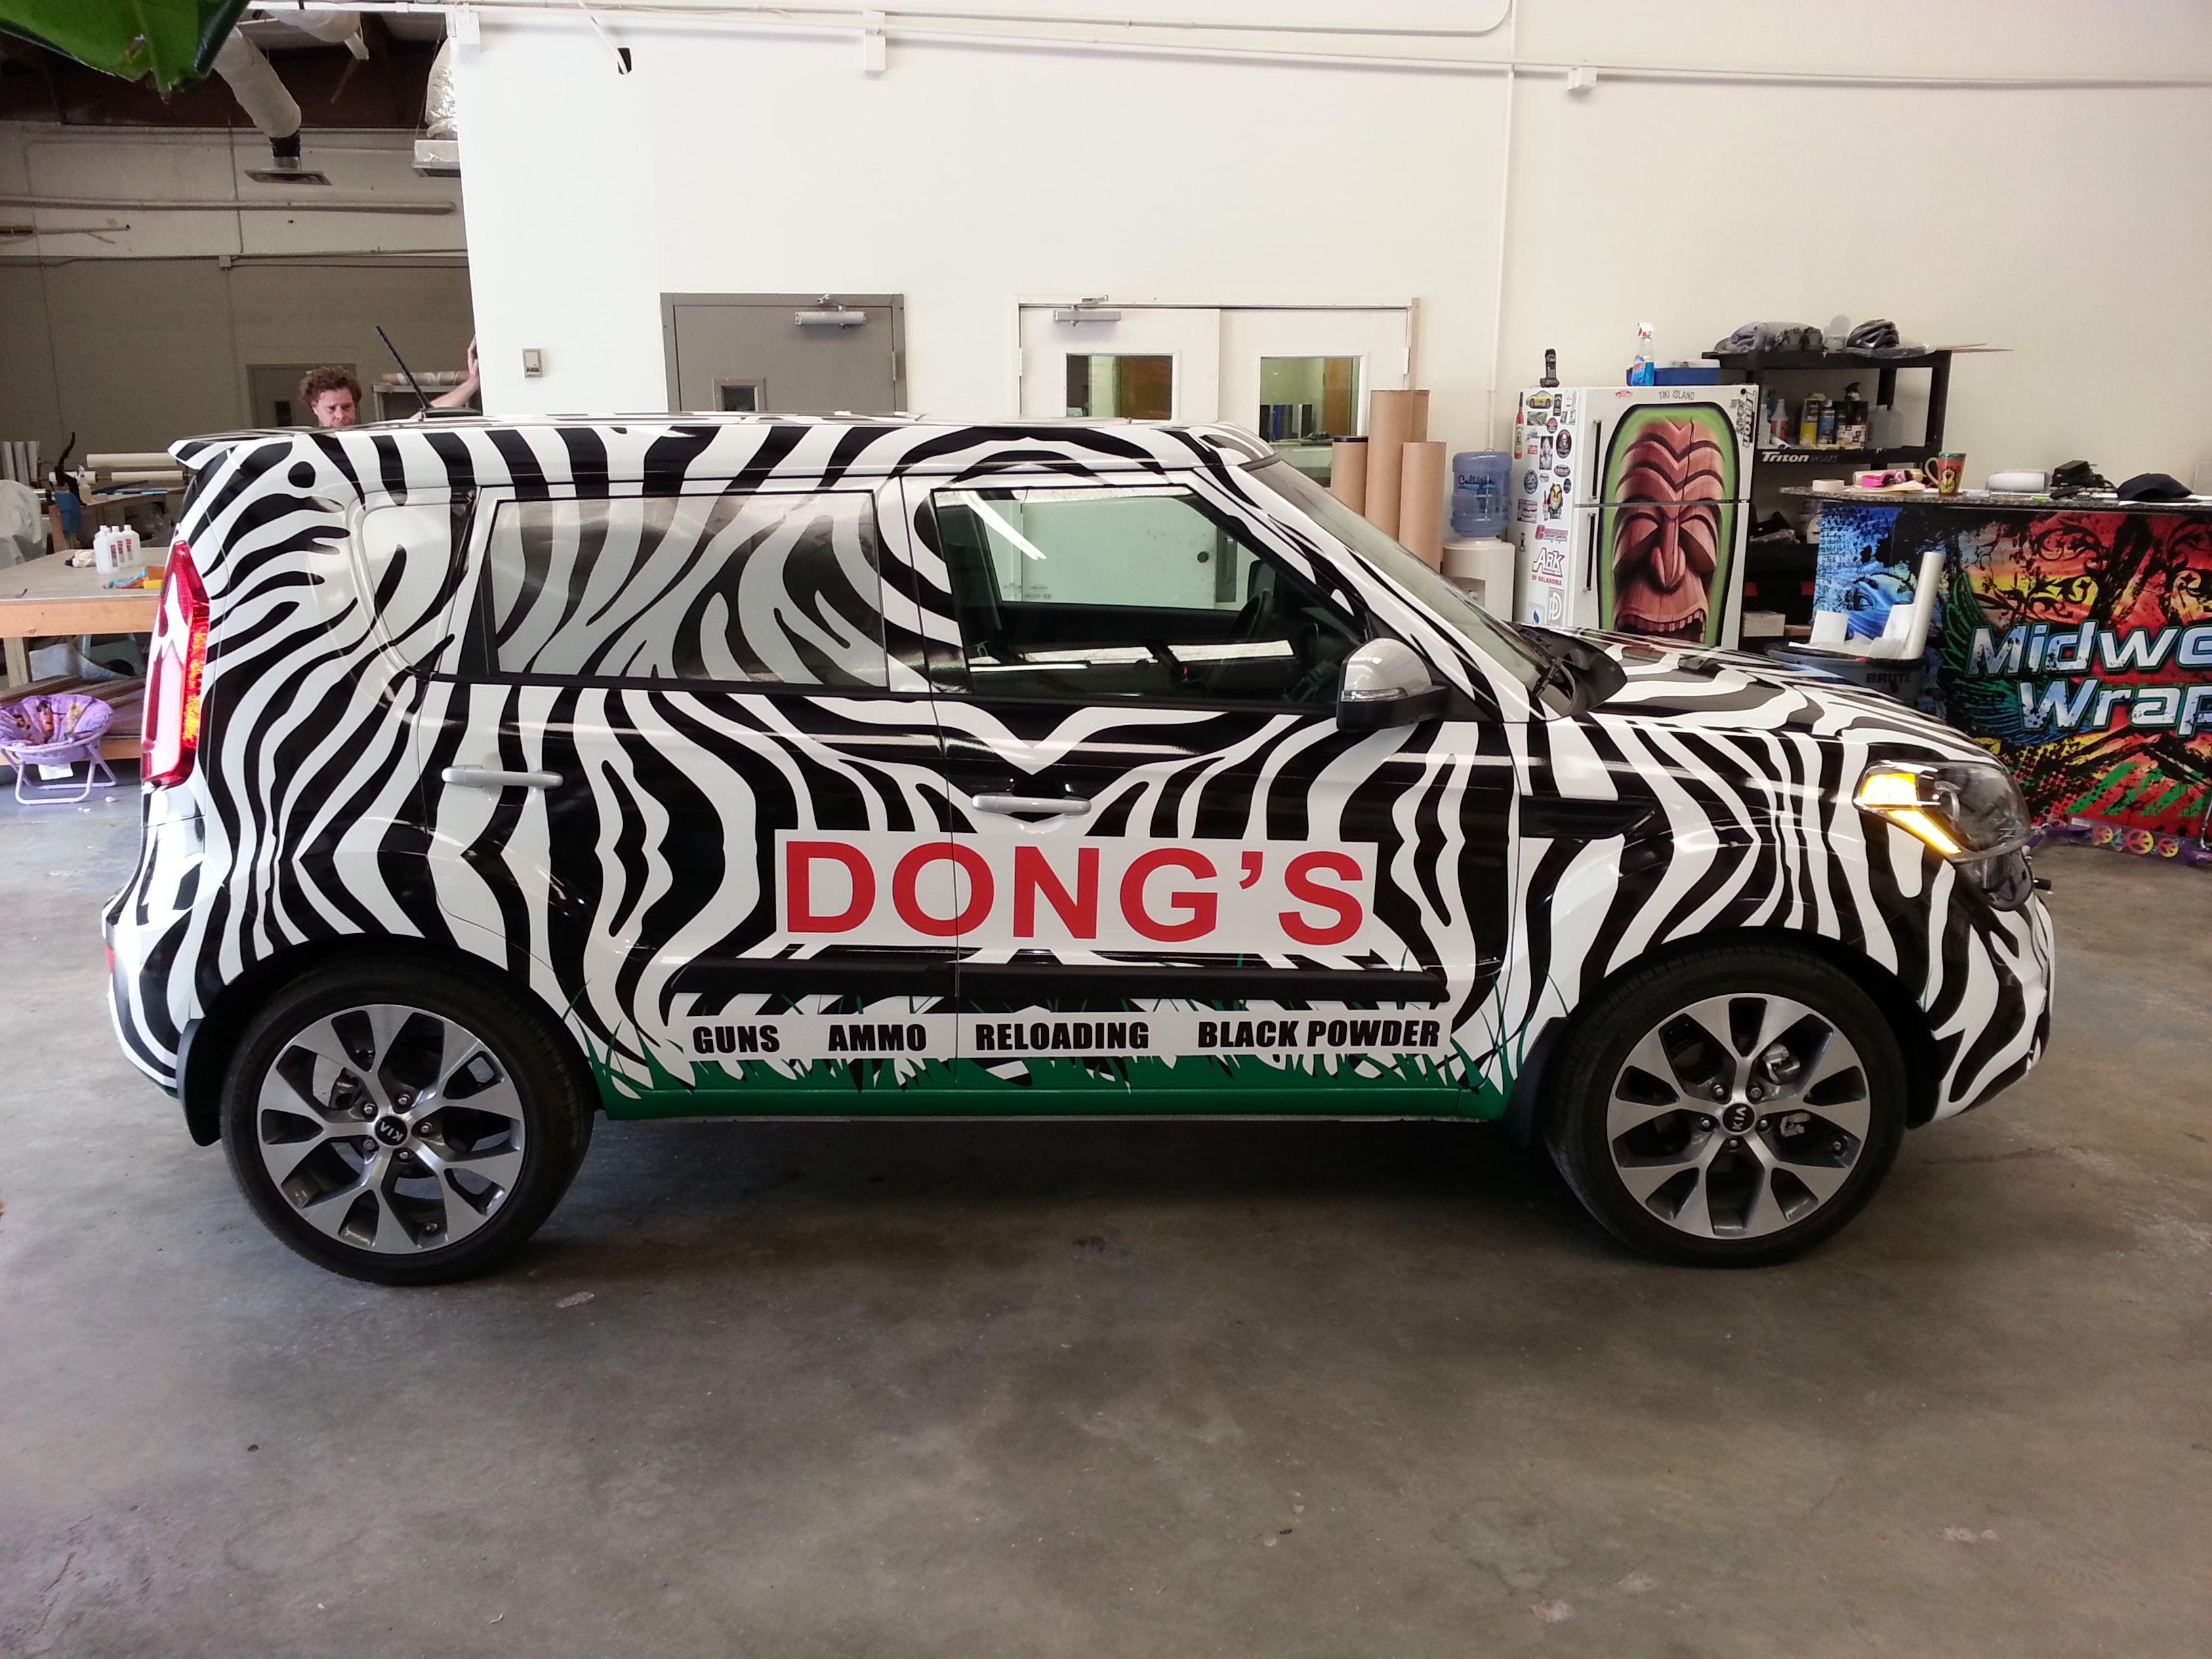 Zebra Kia Soule Vehicle Wrap Car Wrap Kia Vehicles